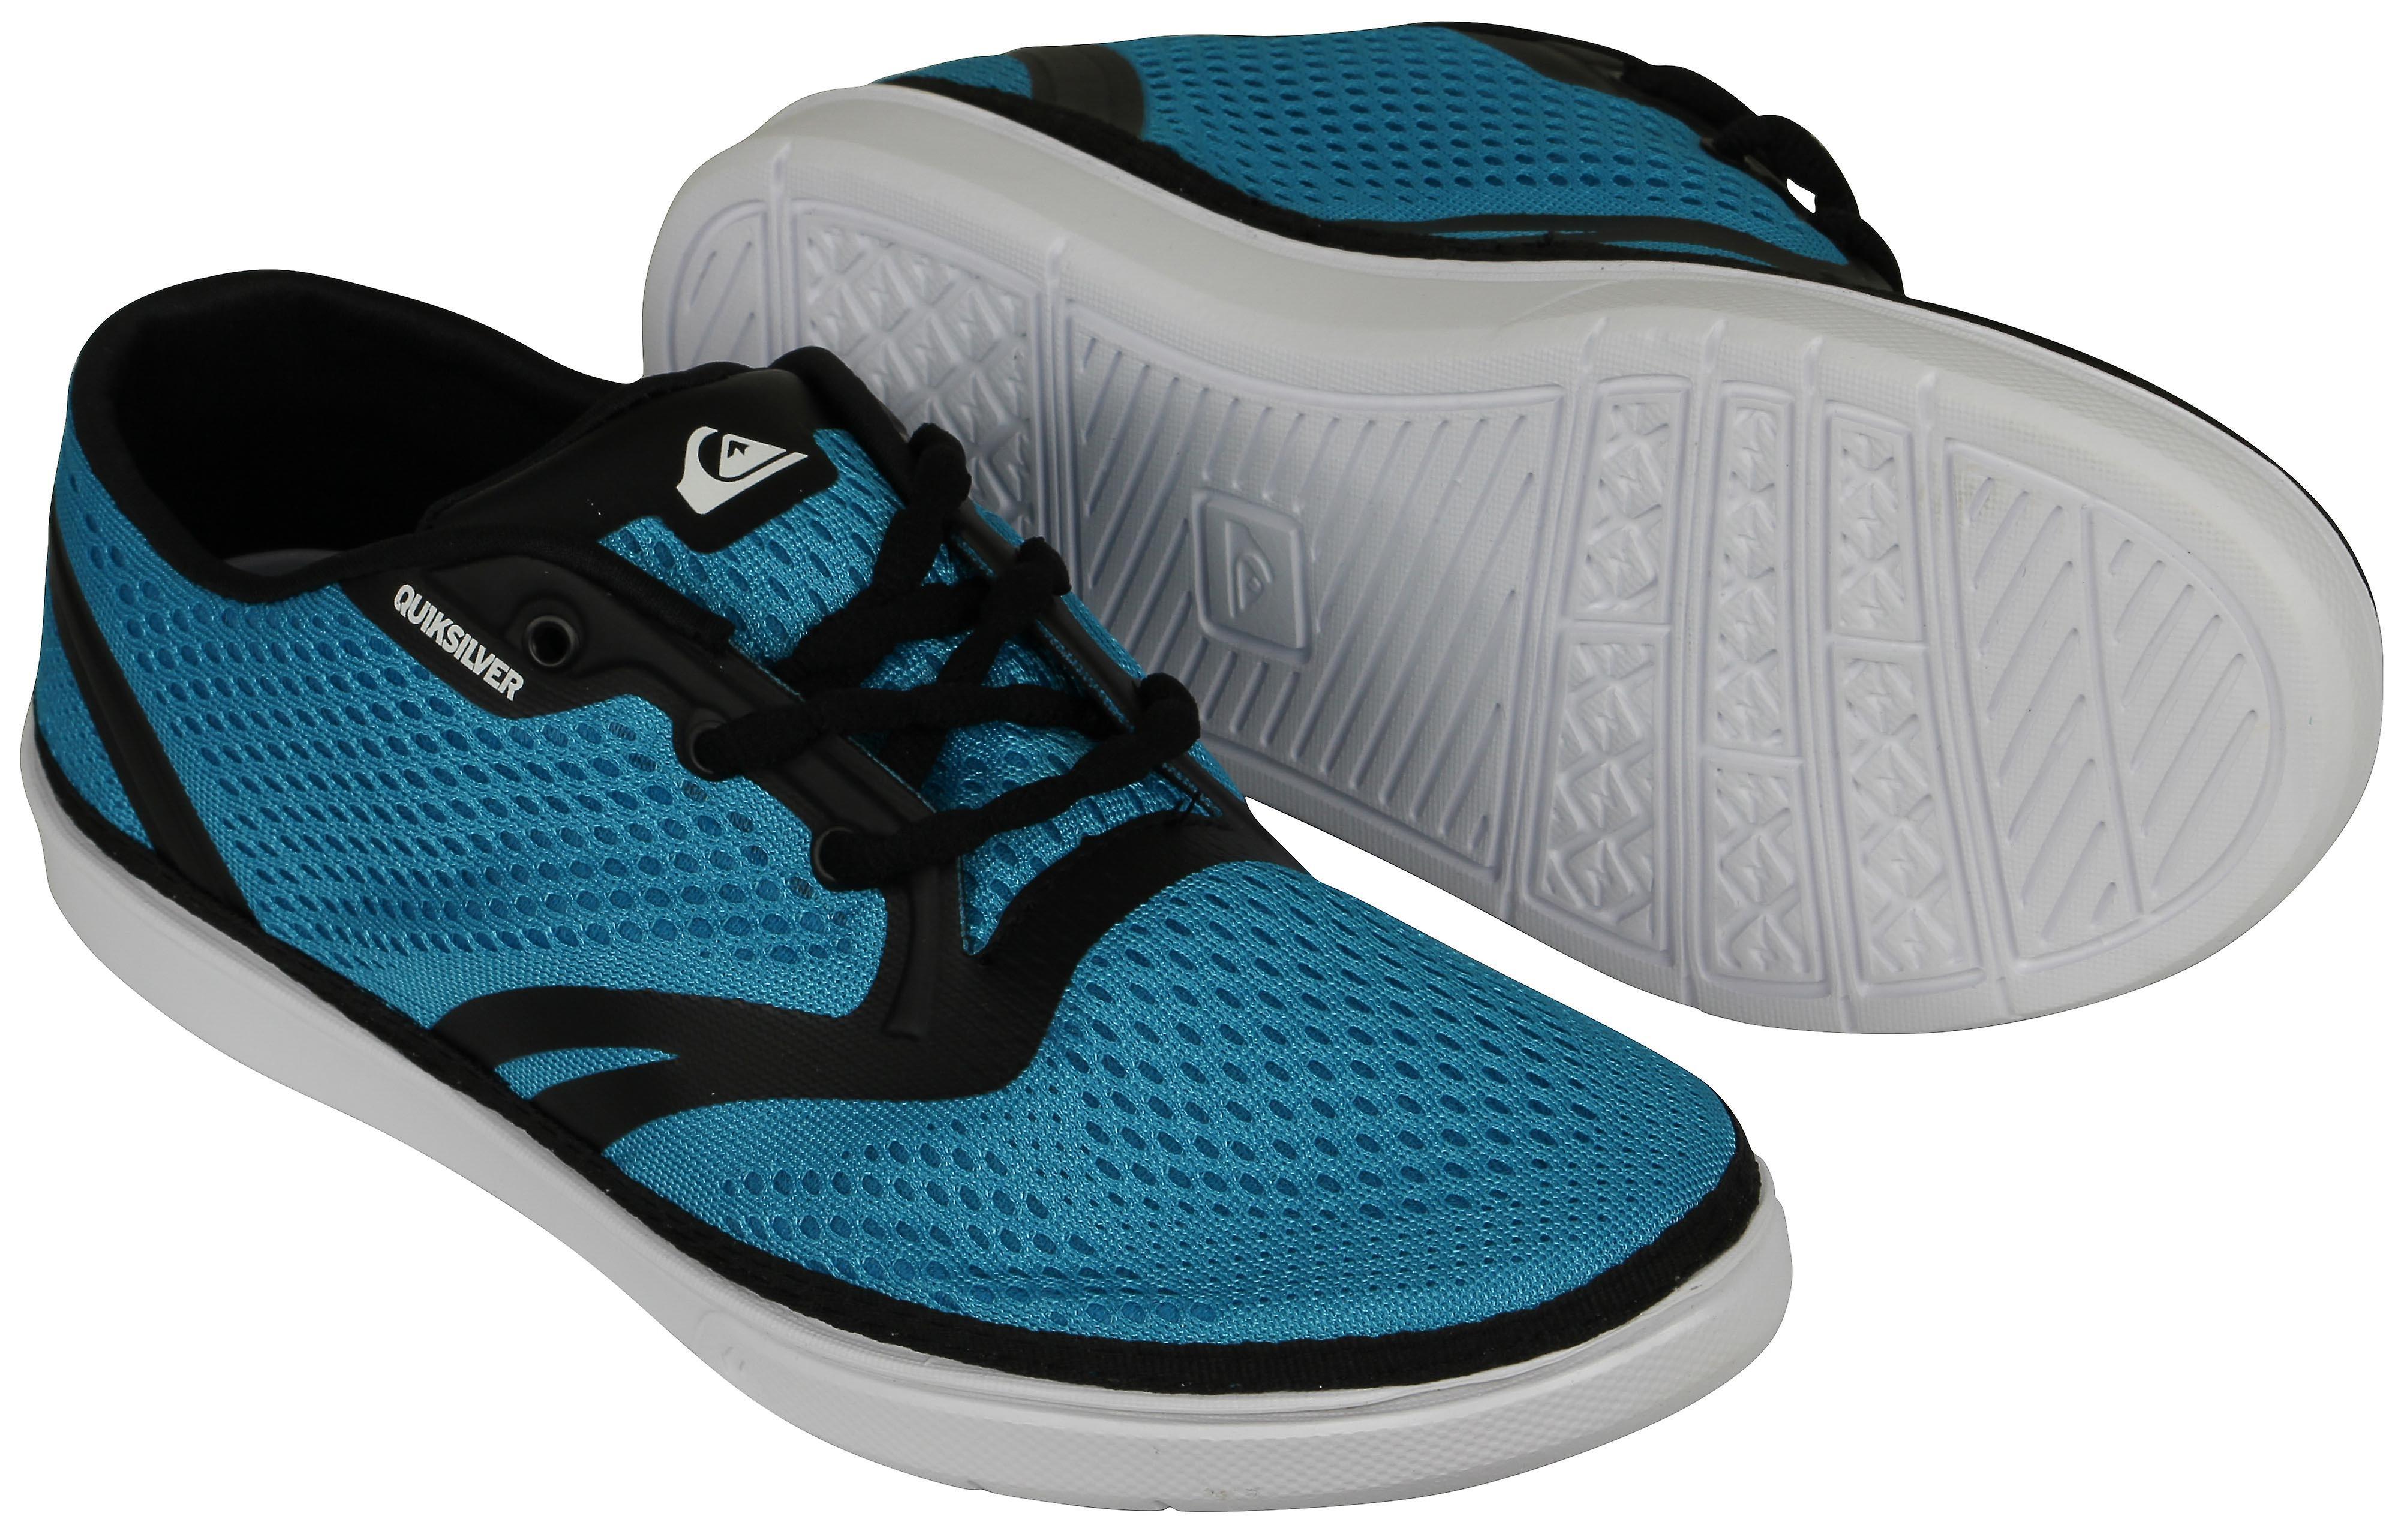 Quikargent Oceanside de Mens chaussures - bleu noir blanc